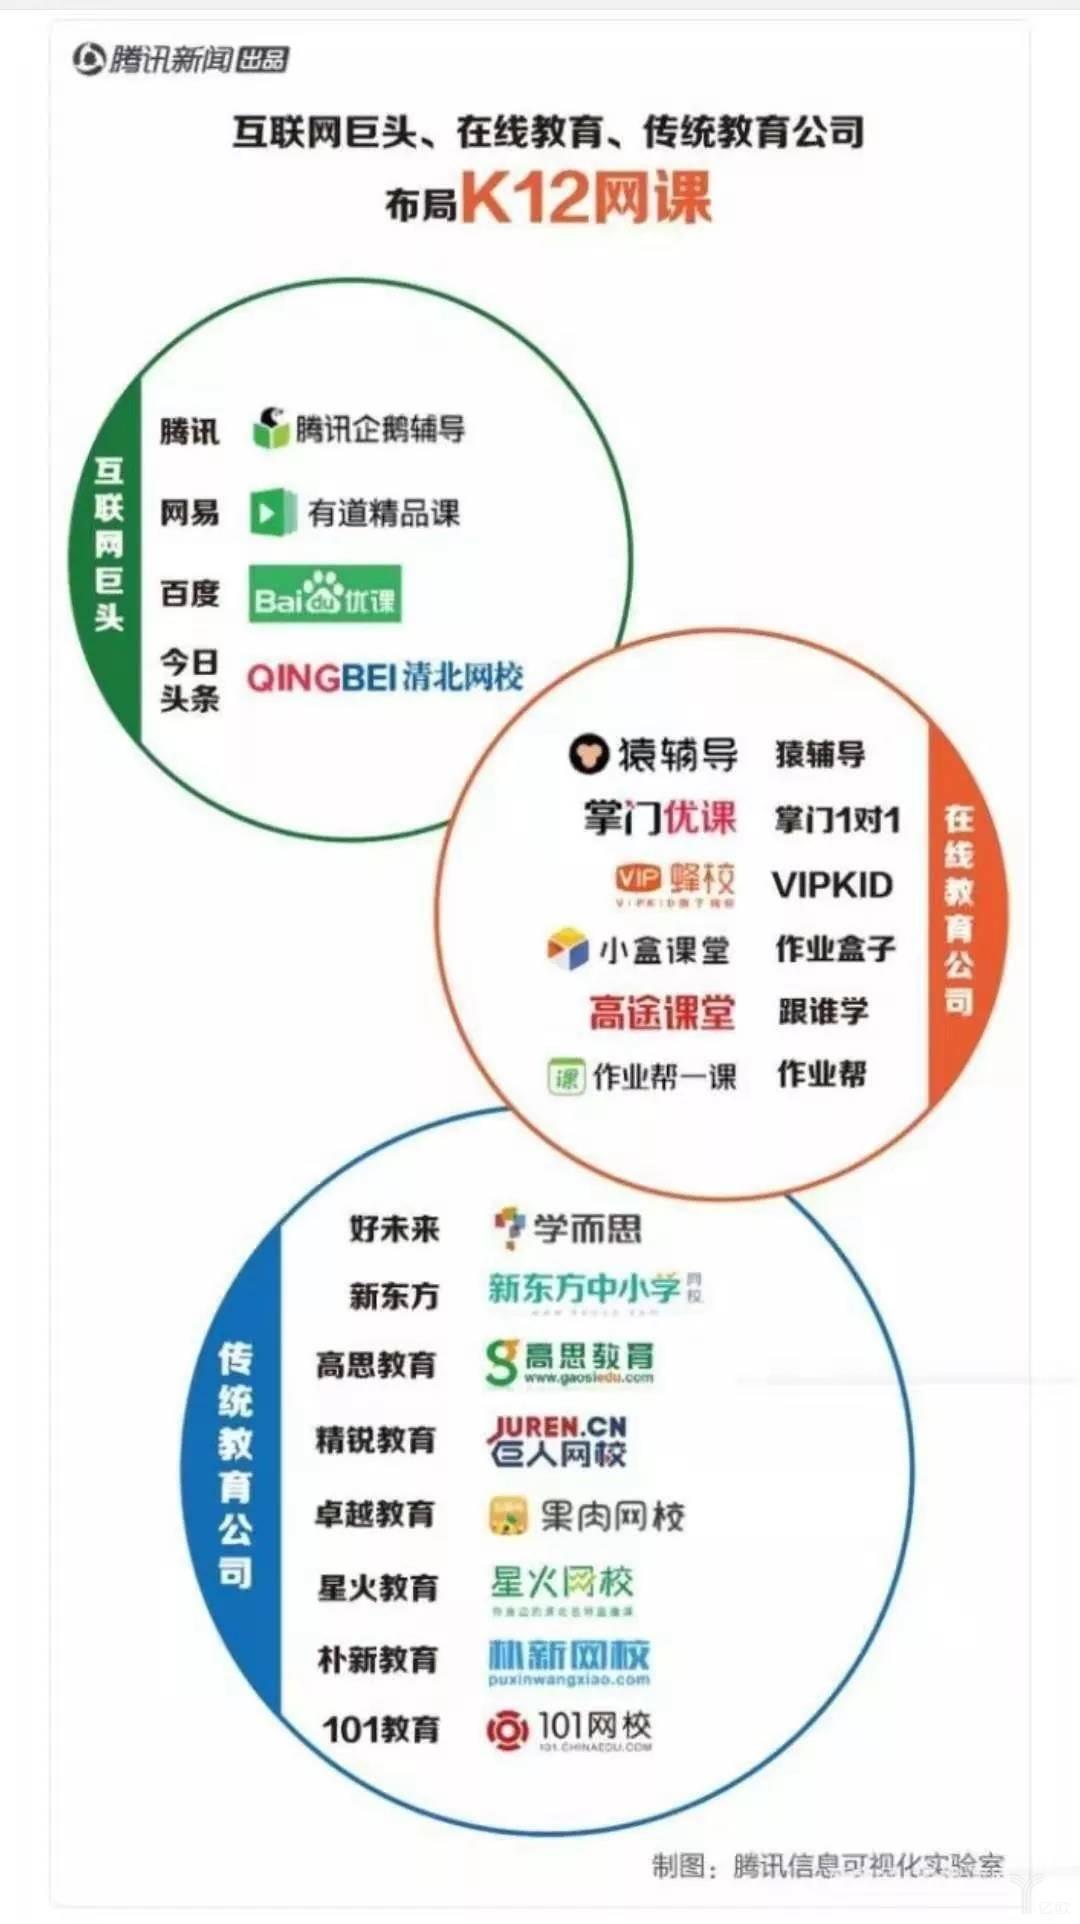 互联网巨头、在线教育、传统教育公司布局K12网课.jpg